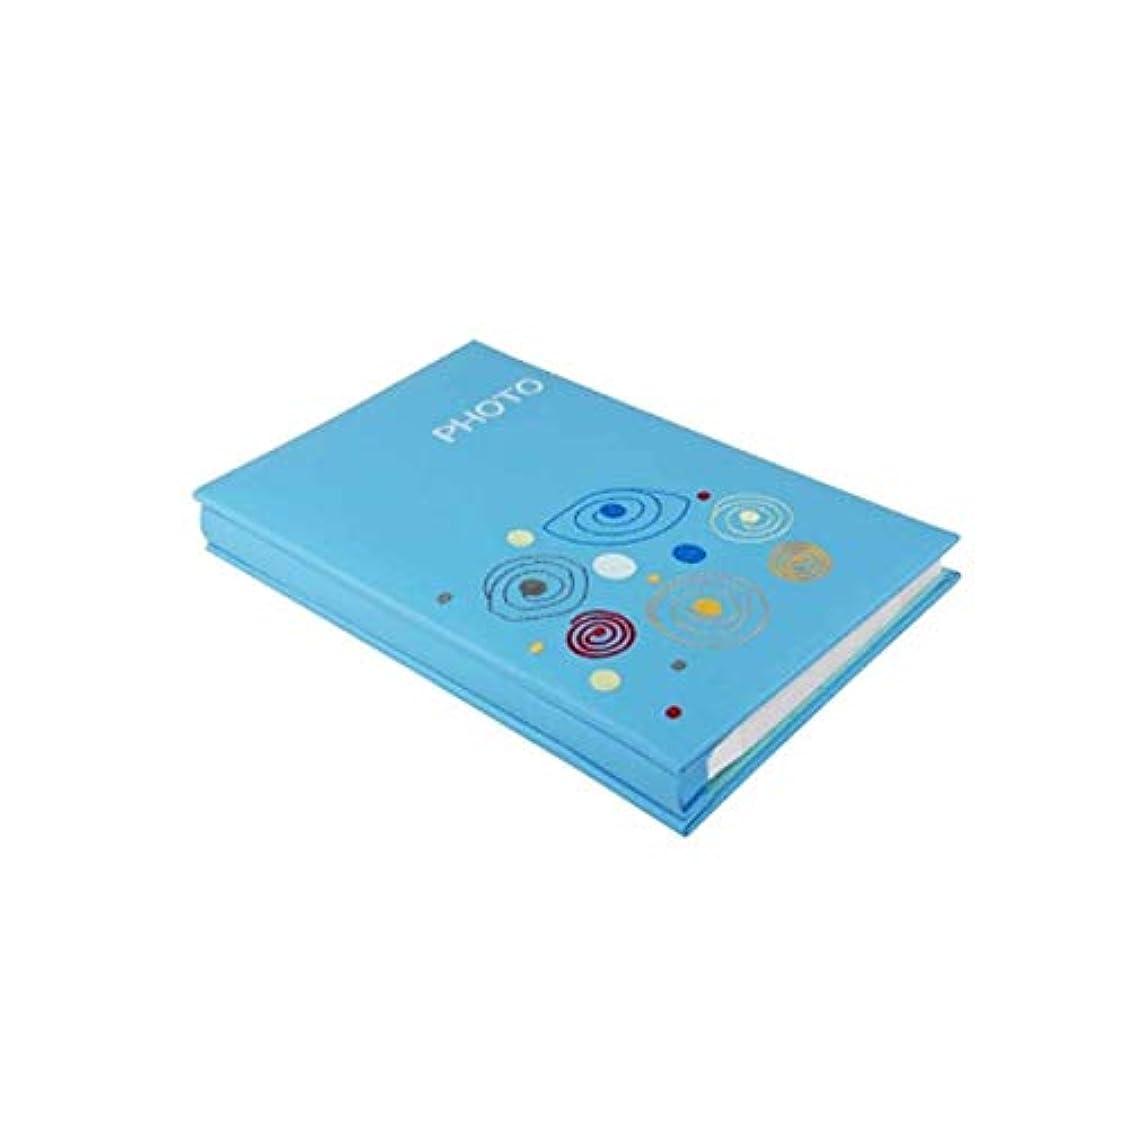 習熟度勢い店主HKXR フォトアルバム、クリエイティブホームトラディショナルアルバム、レザーインサートユニークで快適なデザインスタイル(写真200-300に対応、青) (Color : Blue)